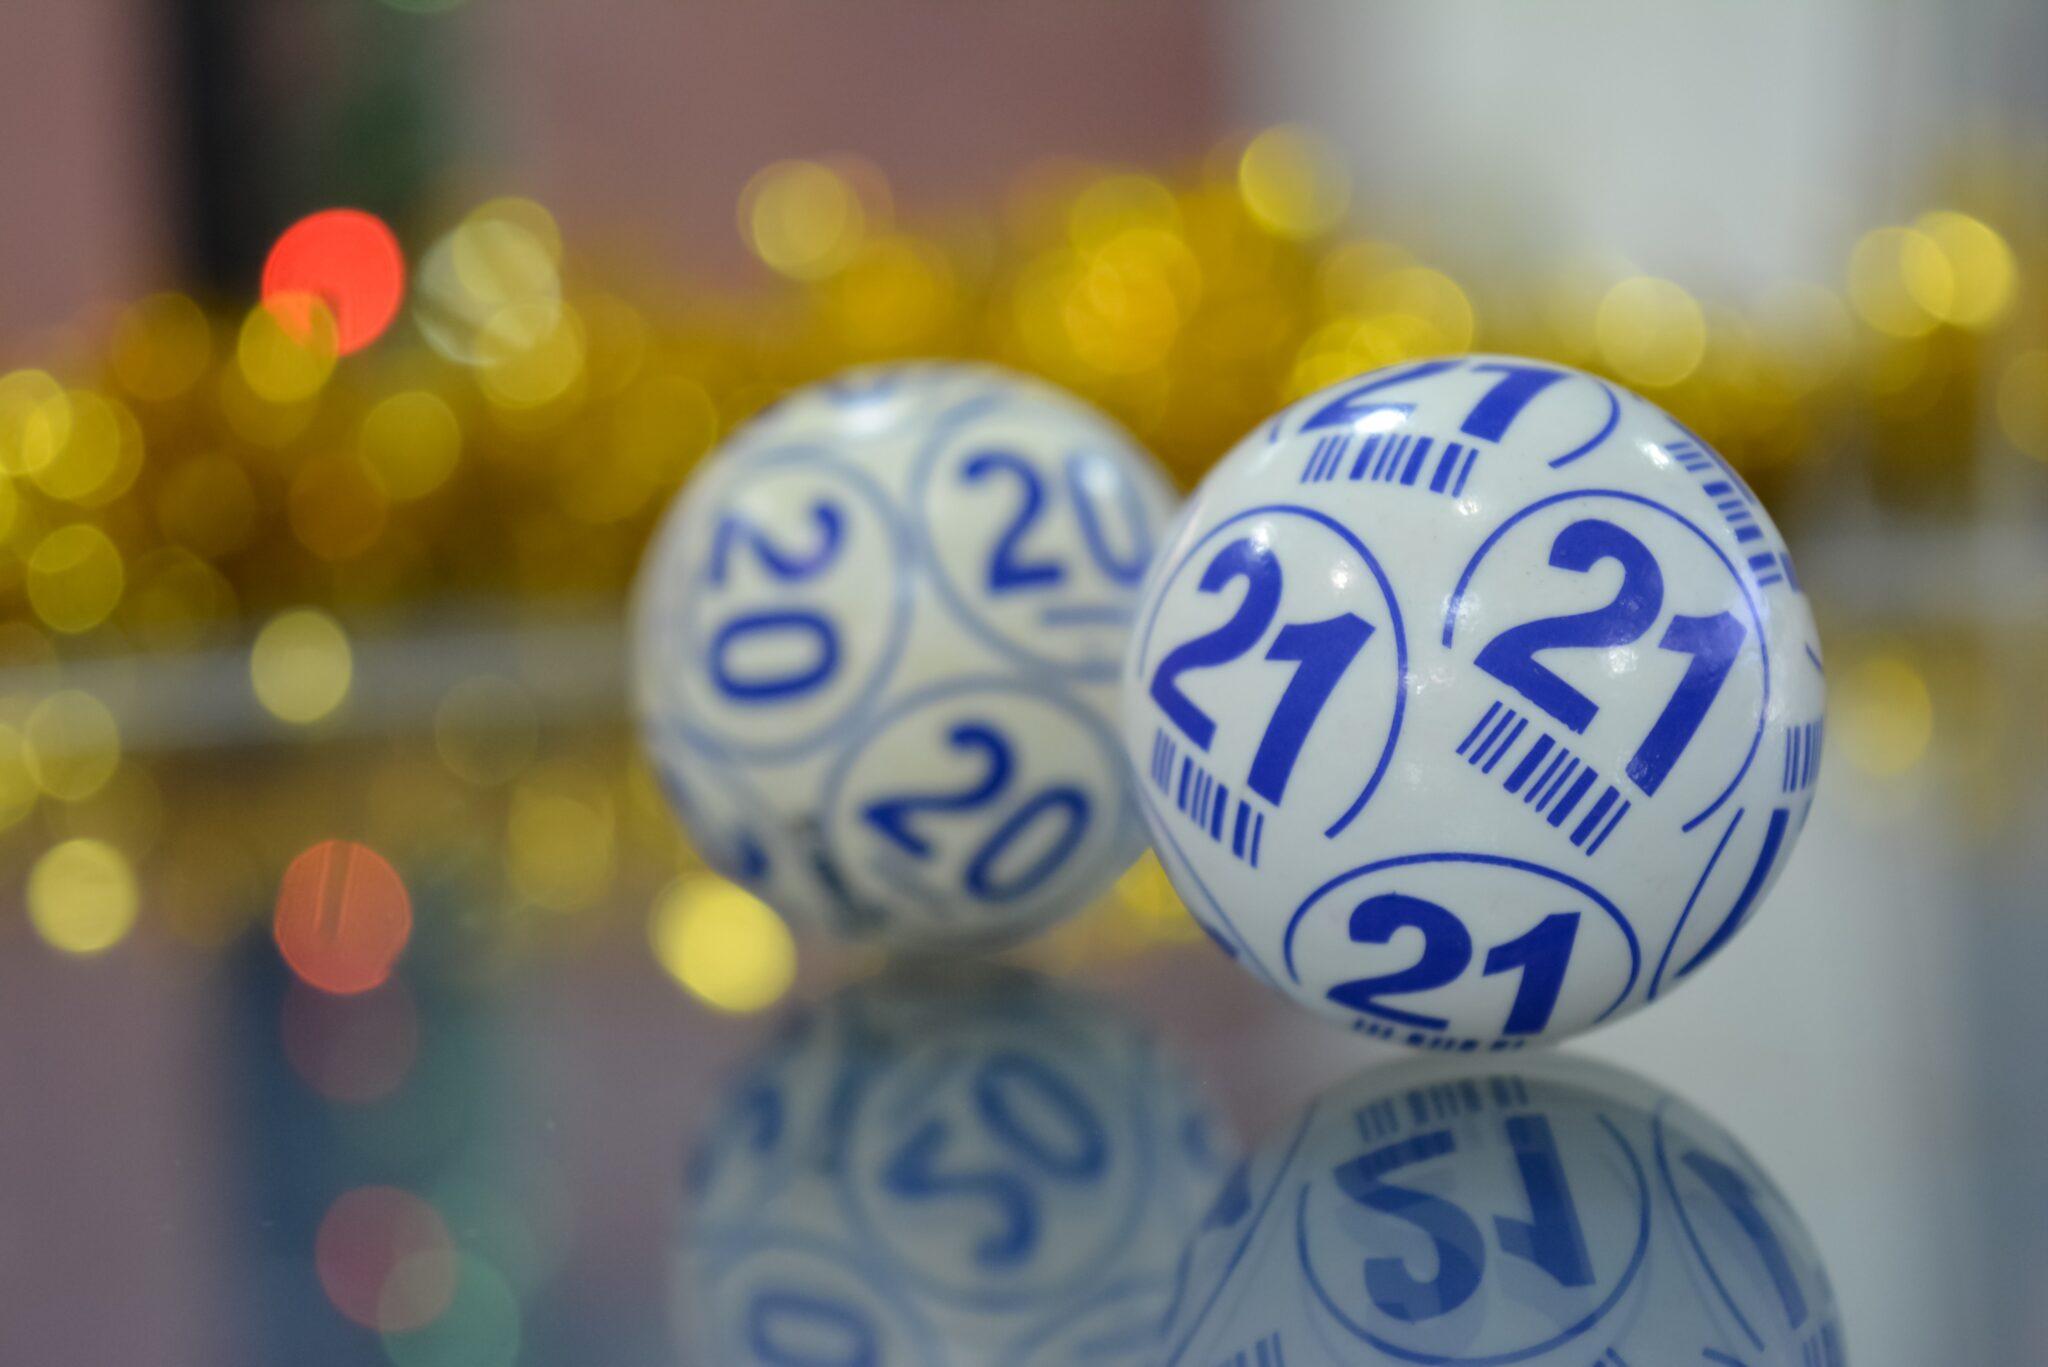 2 Lotteriekugeln in Nahaufnahme vor unscharfem Hintergrund